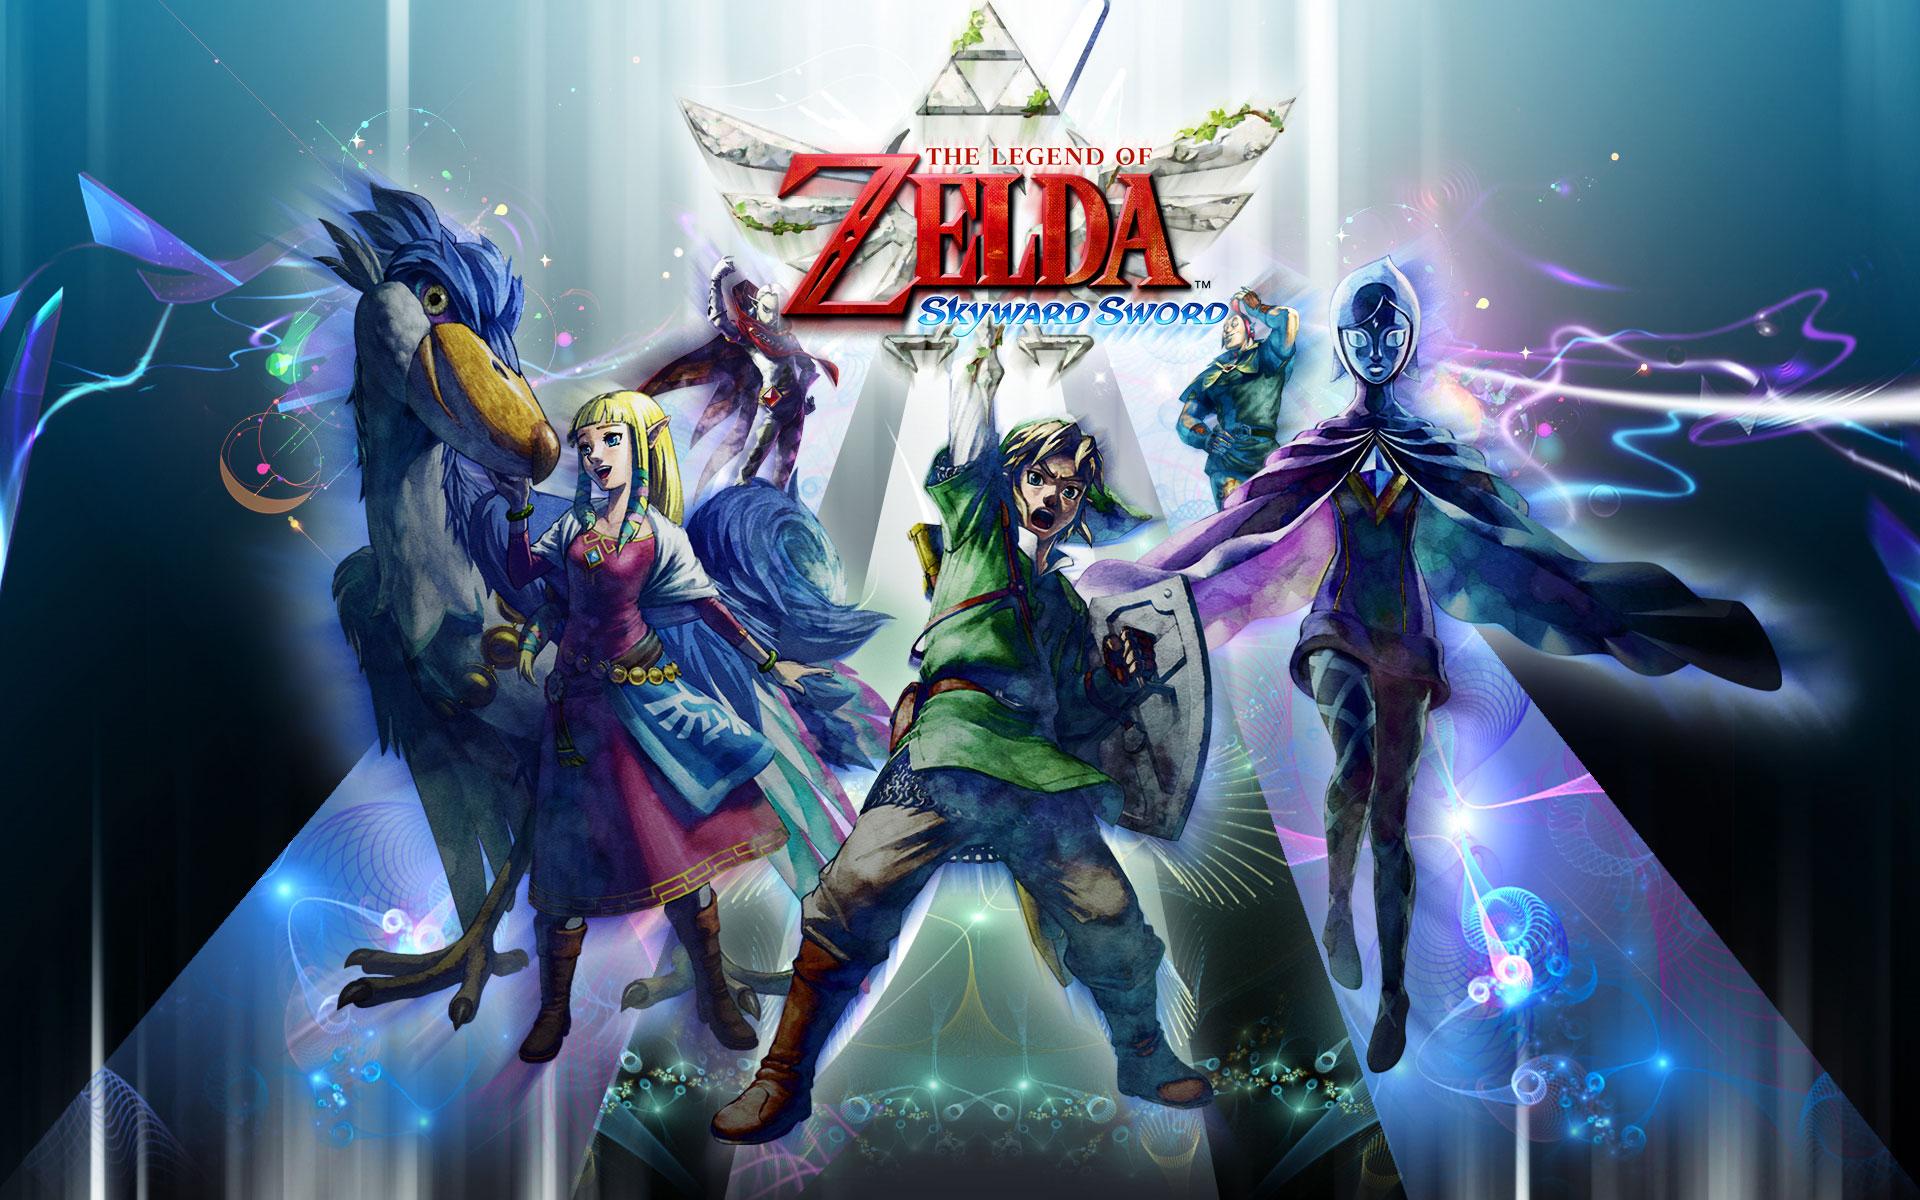 The Legend of Zelda: Skyward Sword - Characters